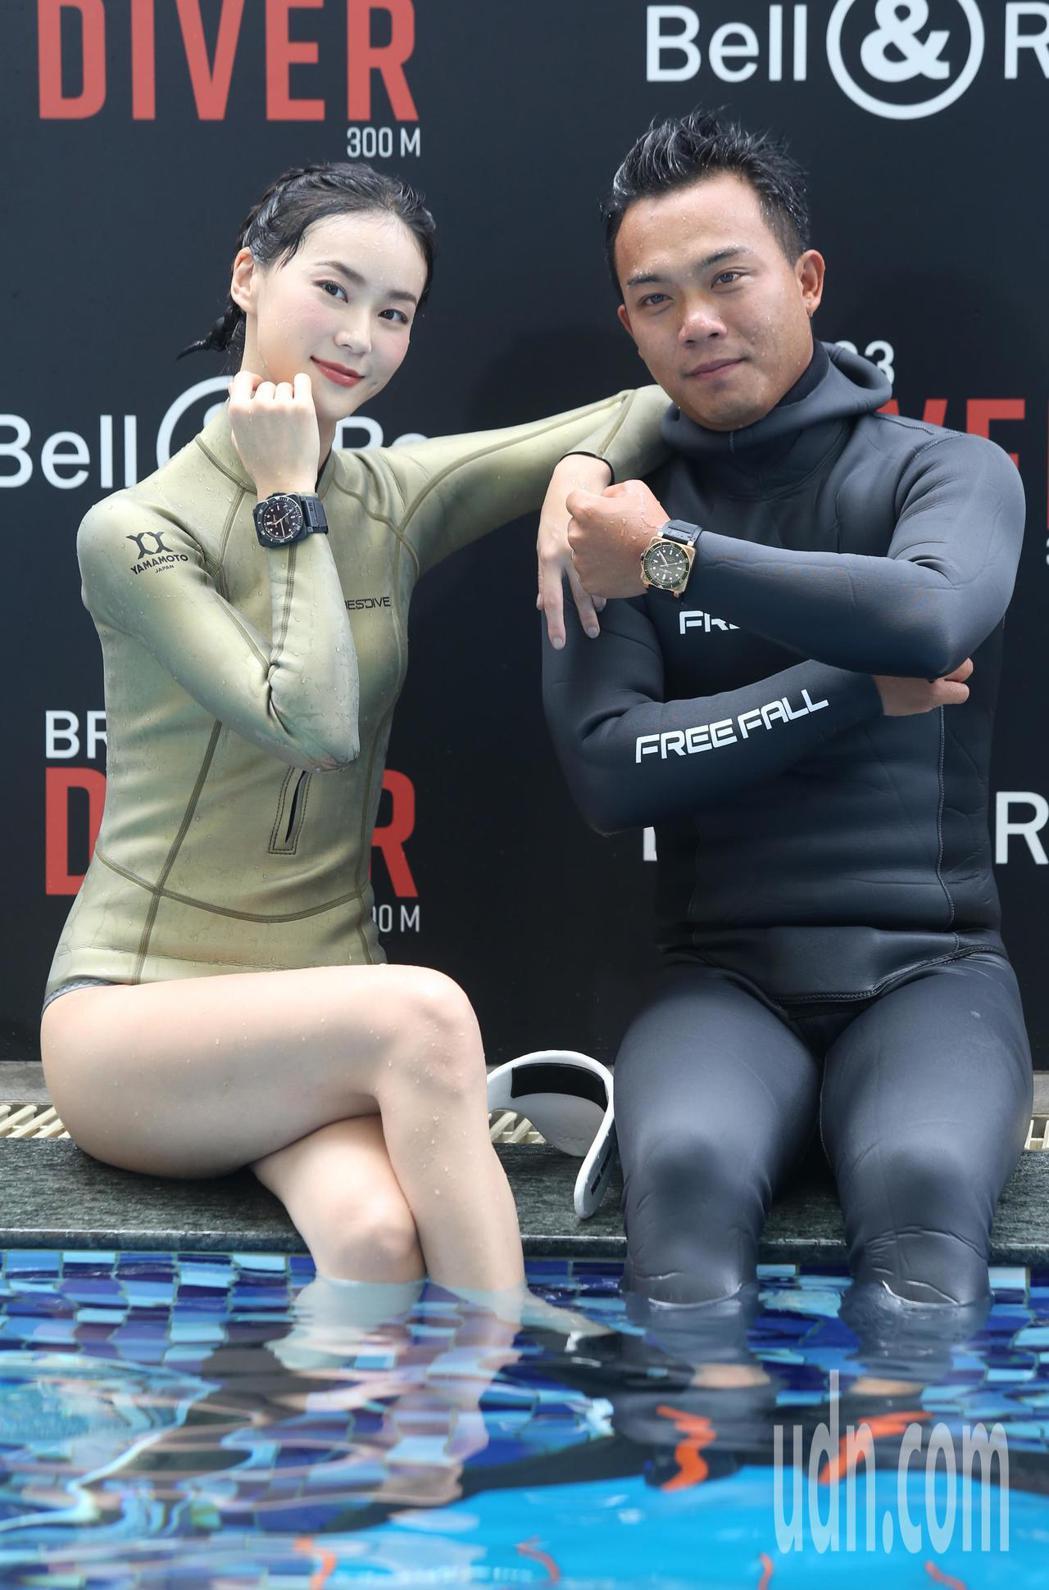 鍾瑶(左)、國家紀錄自由潛水選手盧宏洋(右)出席Bell & Ross 2019...